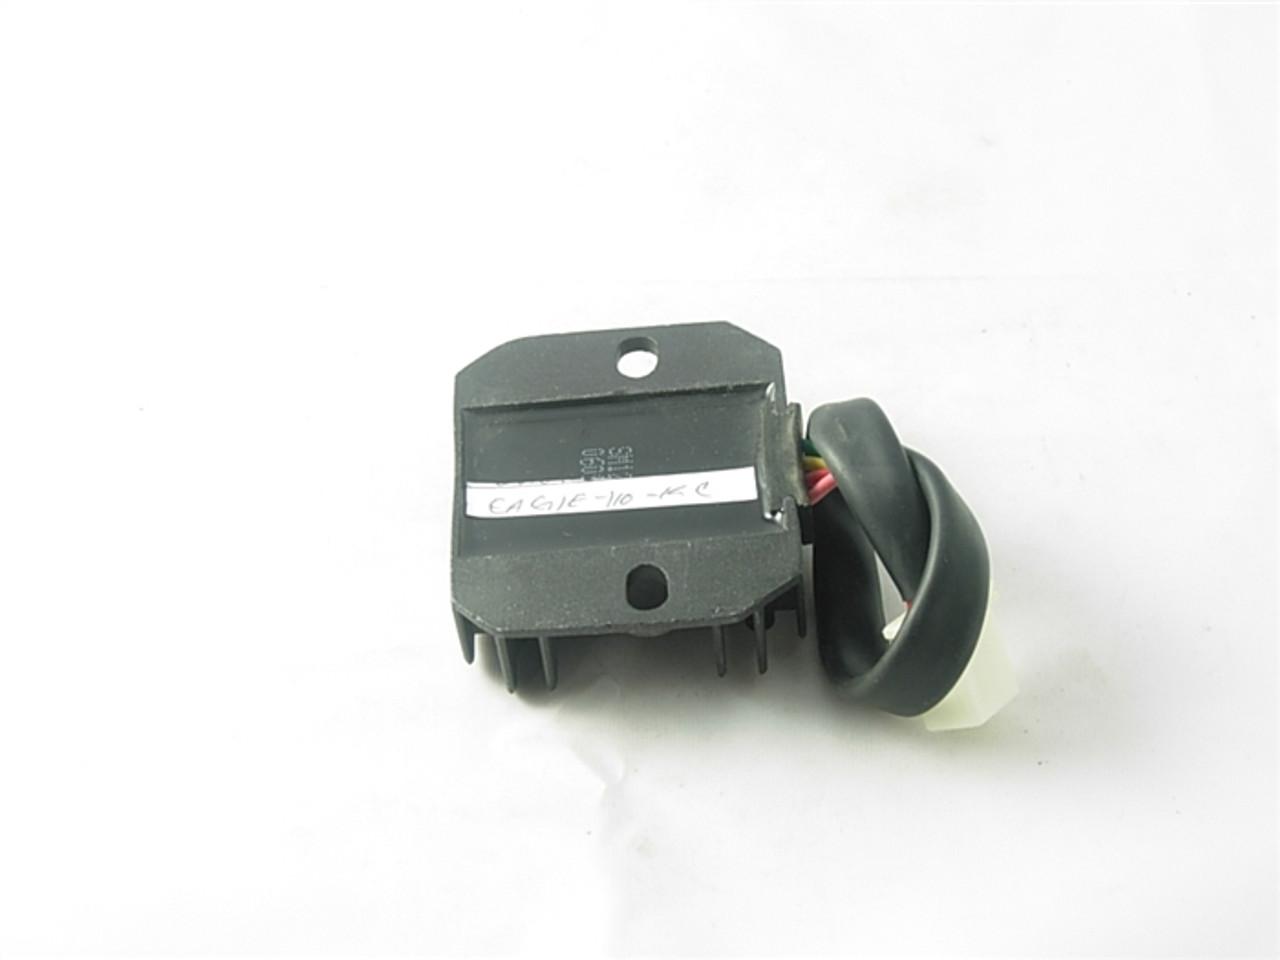 rectifier/regulator 10419-a24-5